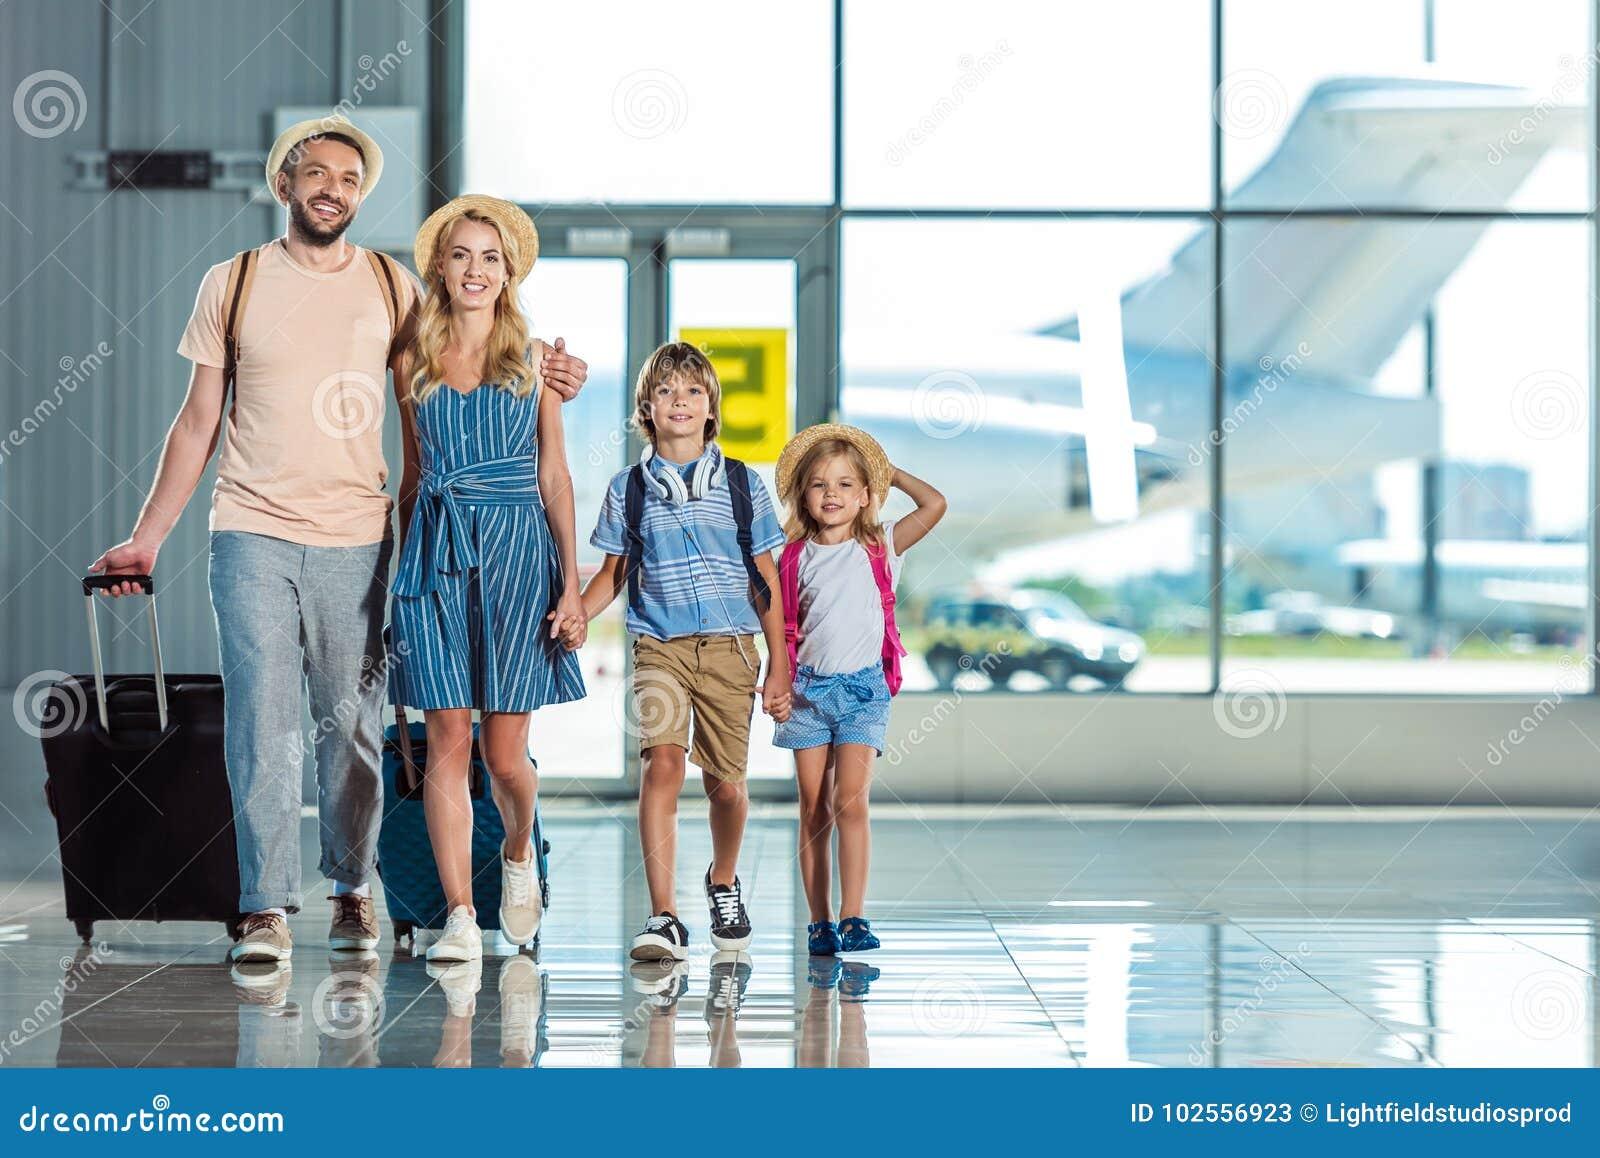 Familj som går i flygplats